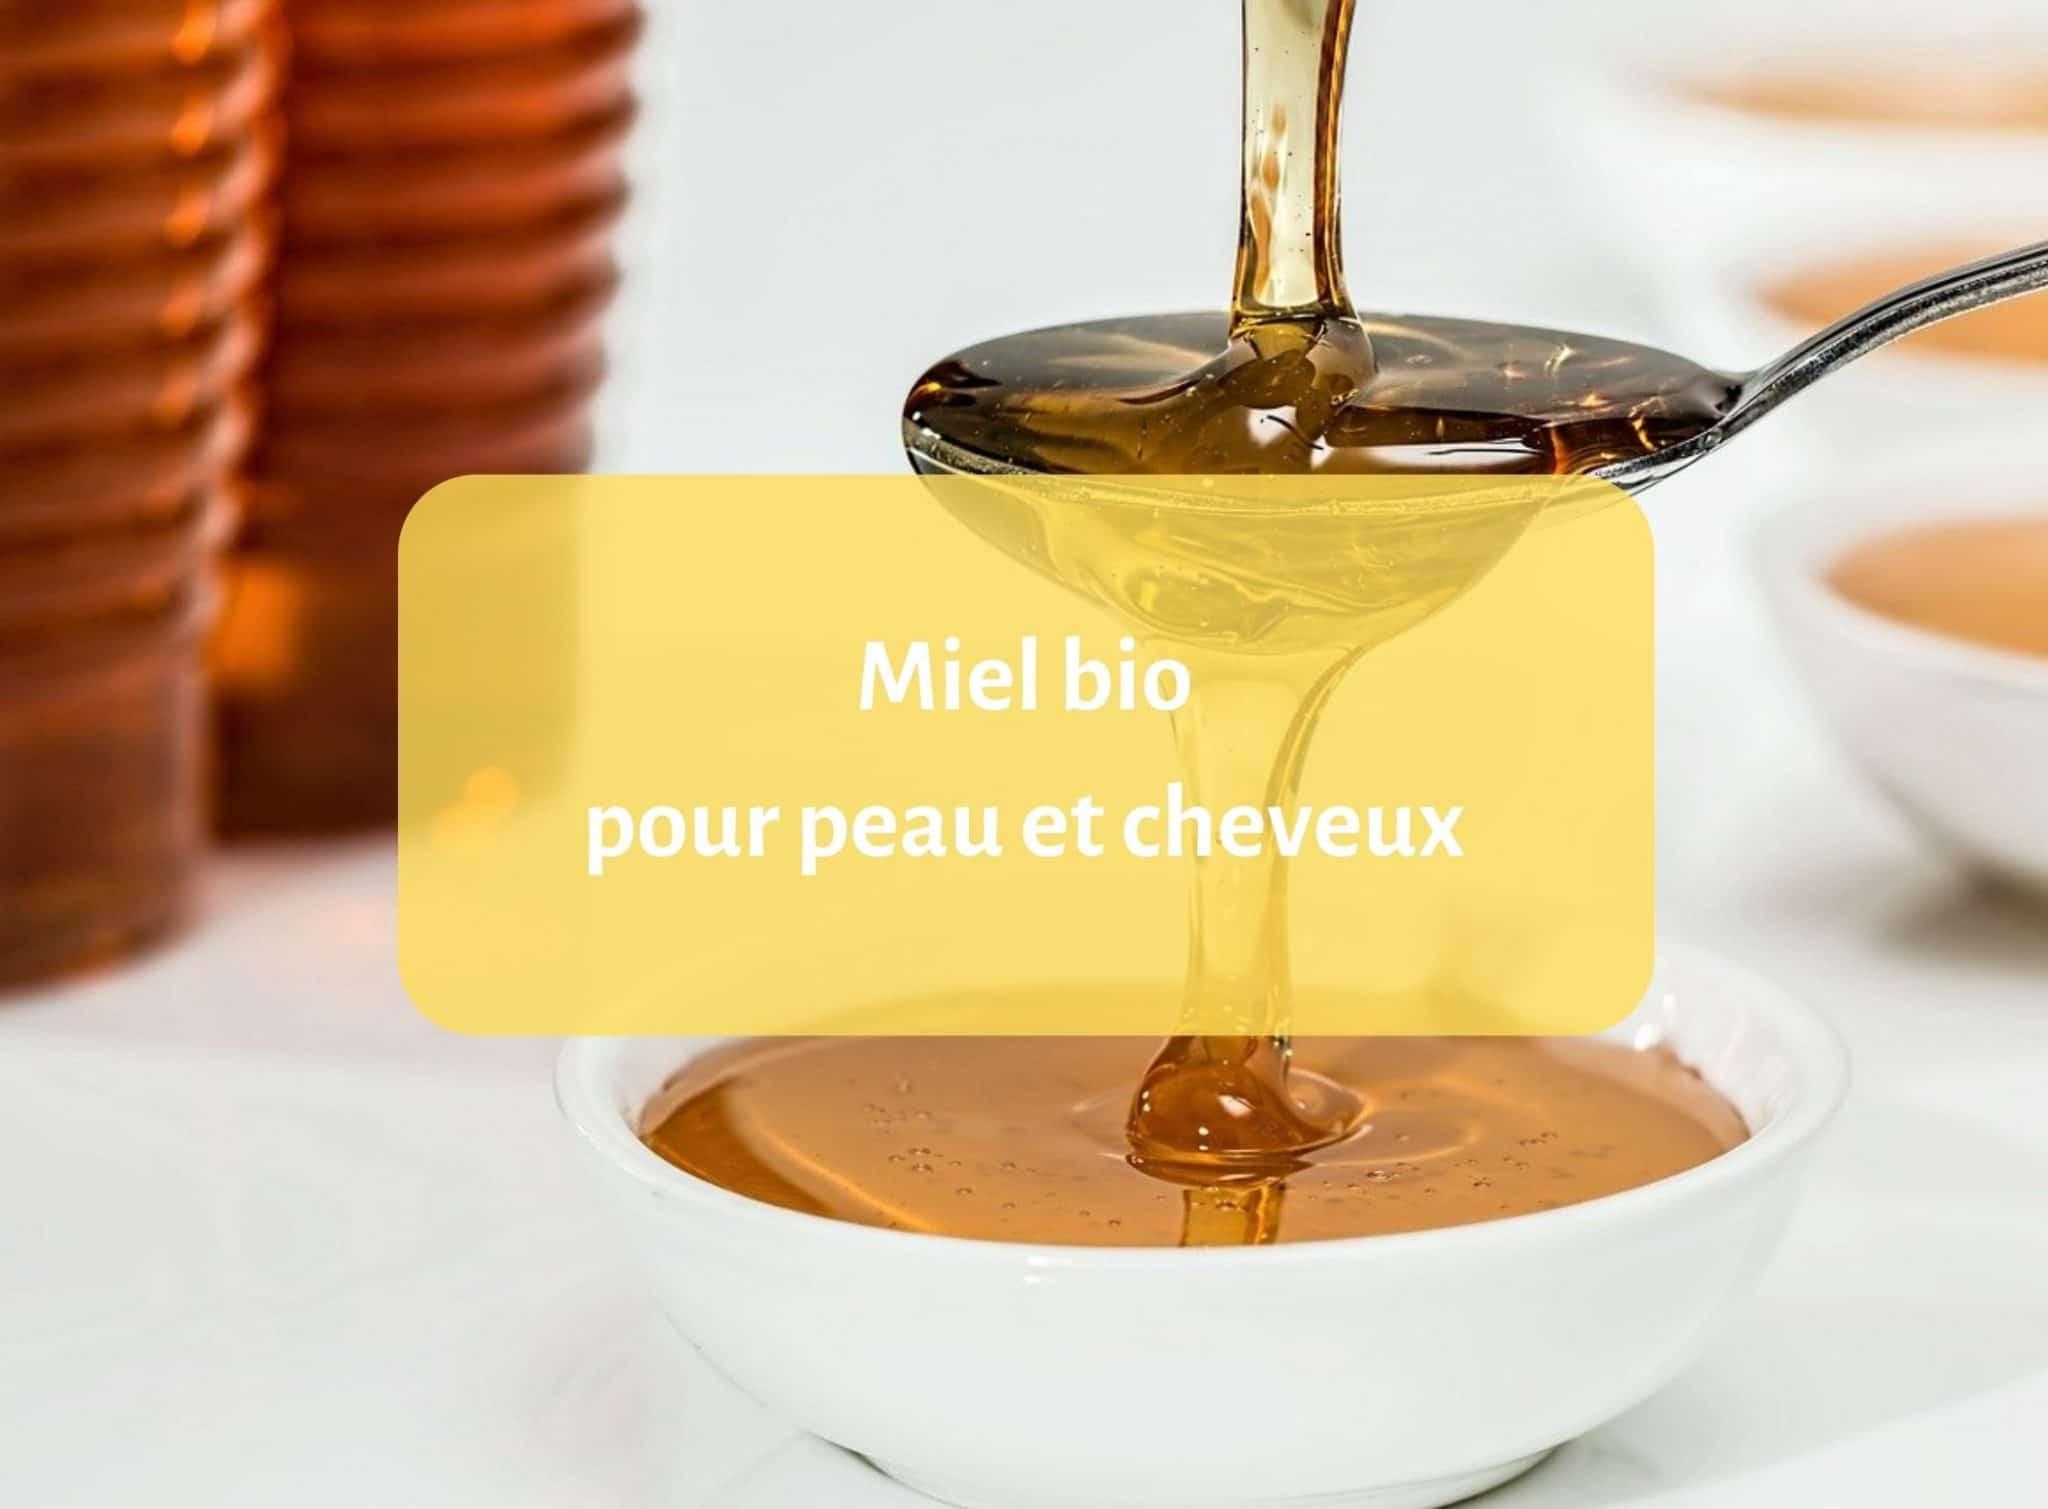 Le miel bio: un produit de soin et de beauté pour la peau et les cheveux